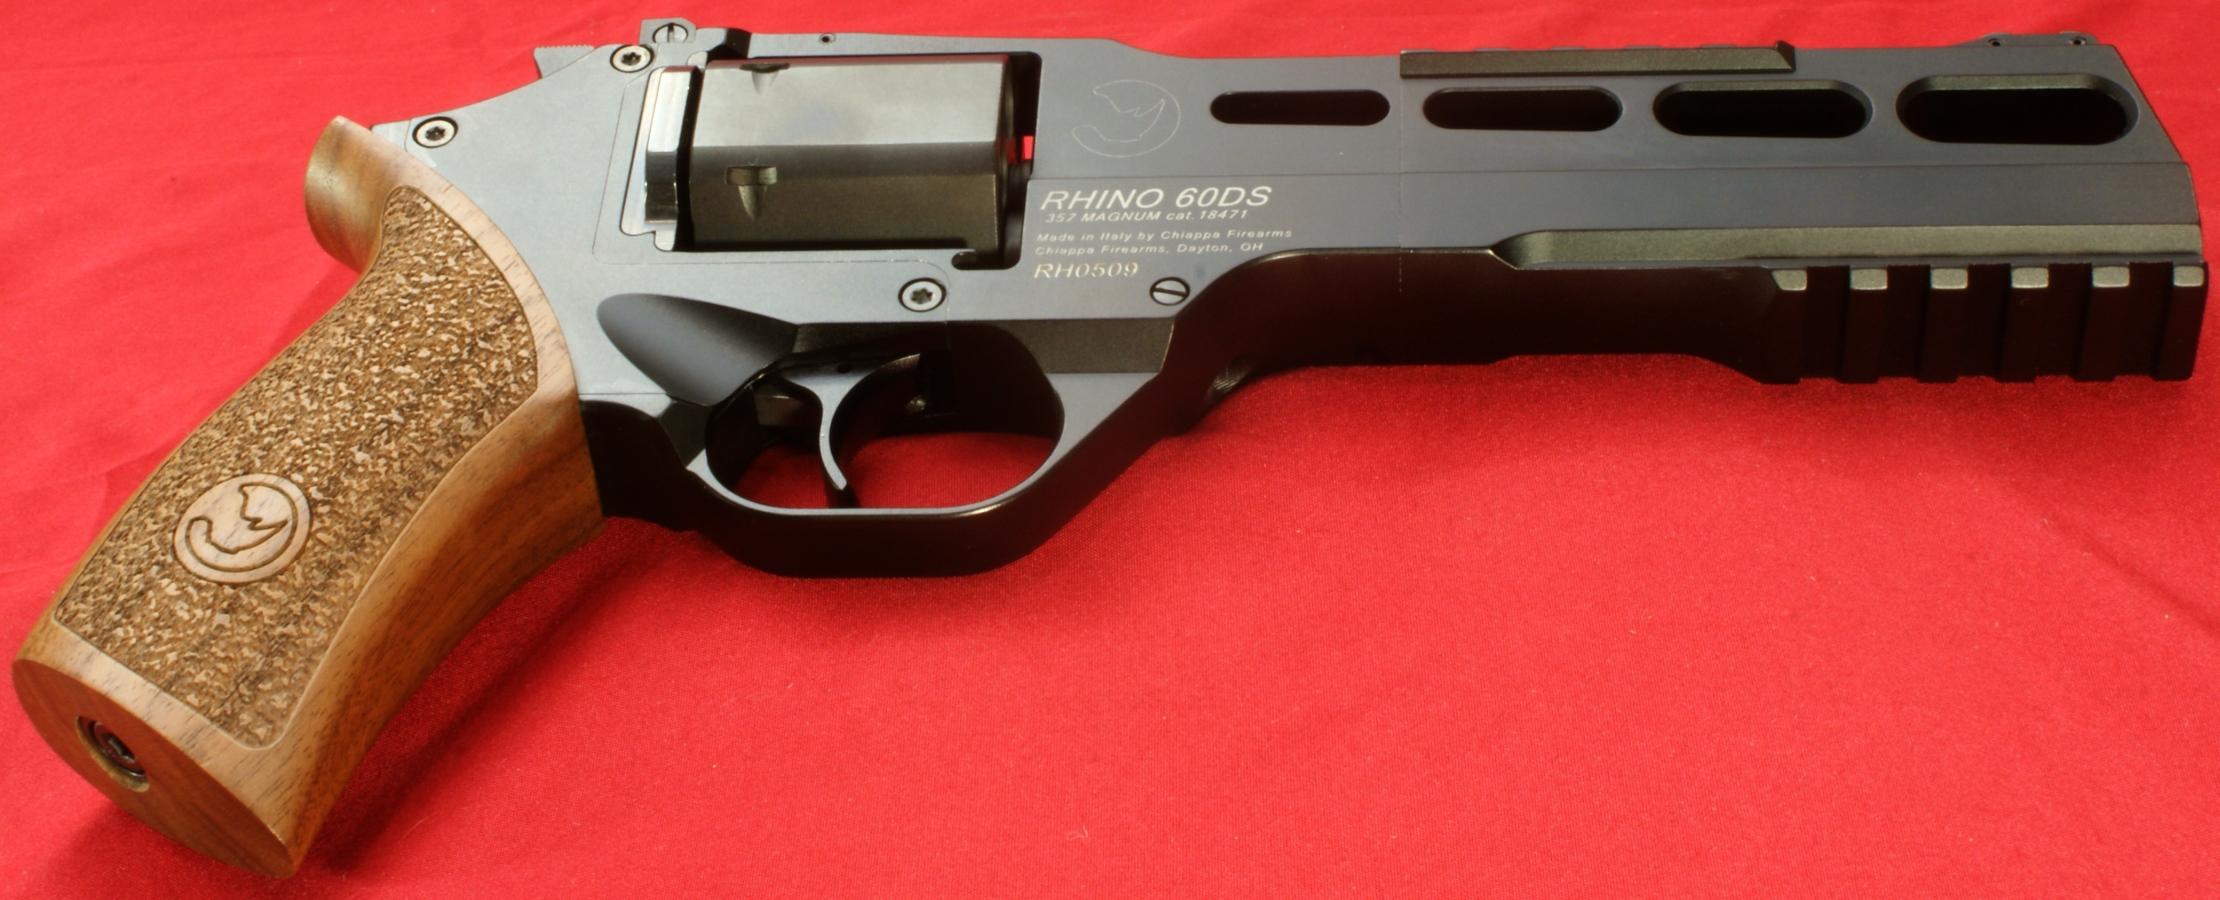 2220x900 > Chiappa Rhino Revolver Wallpapers